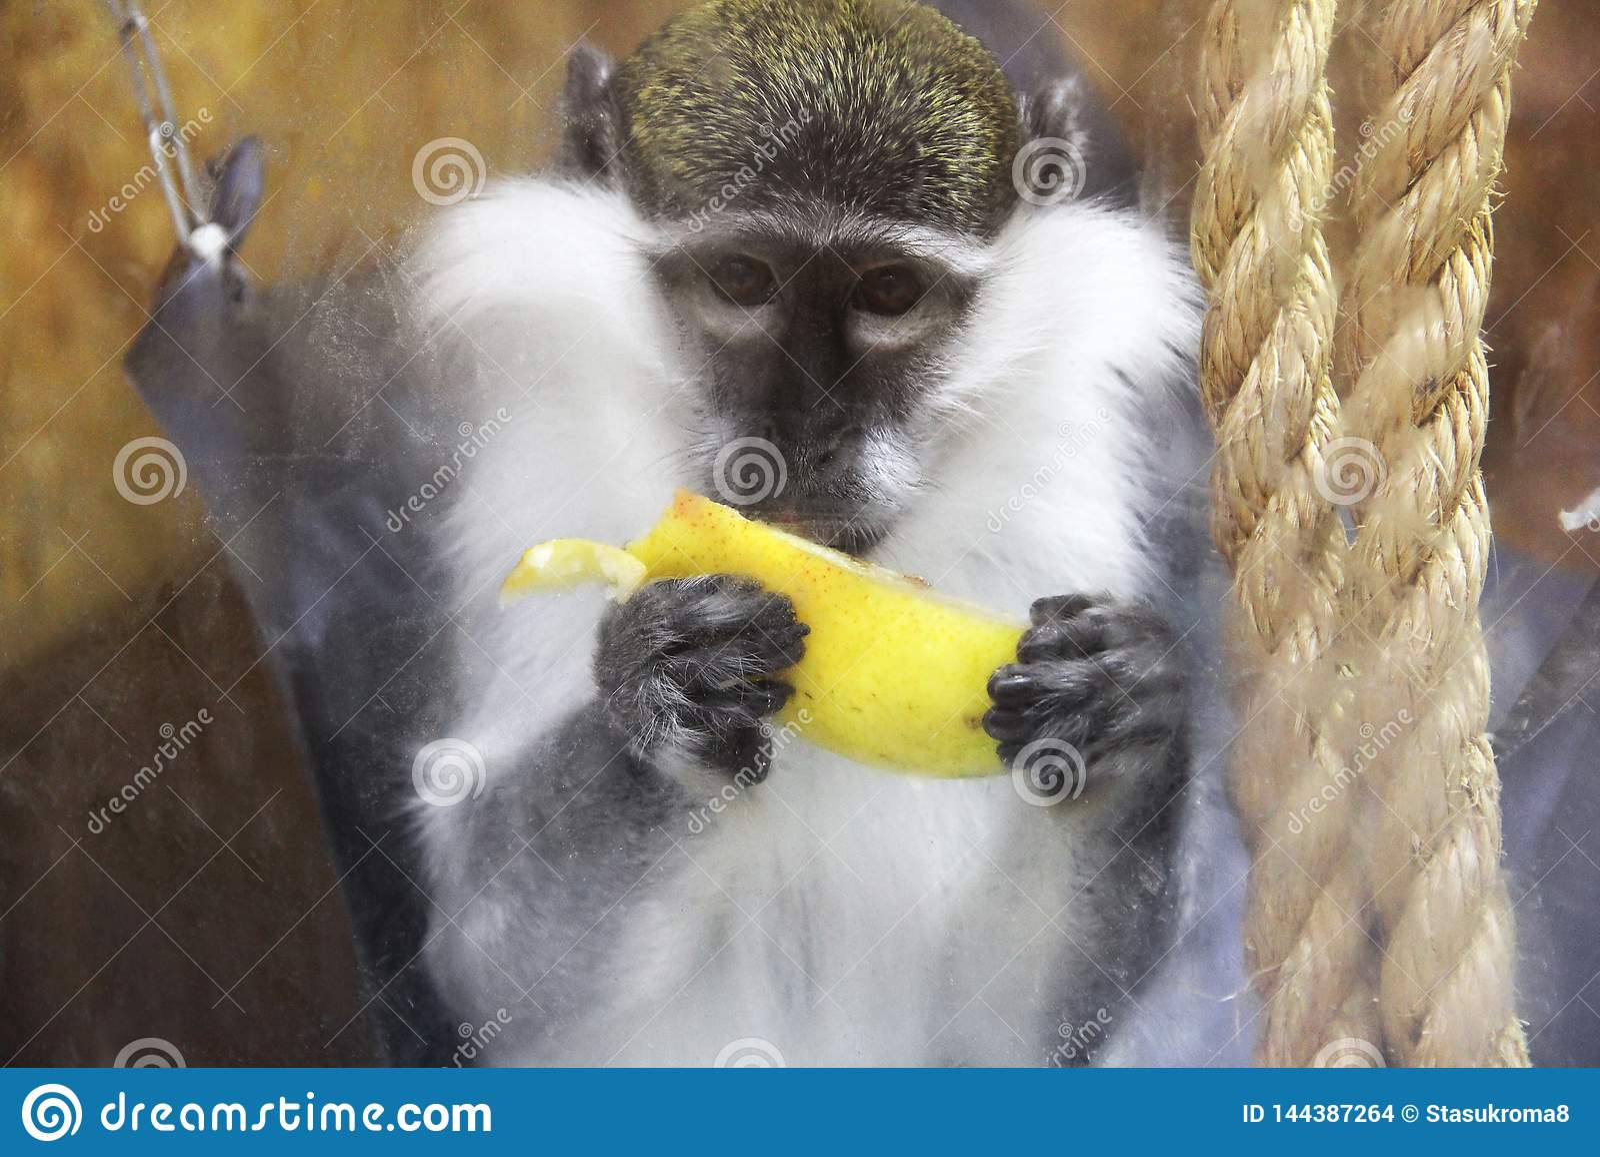 Обезьяна есть банан